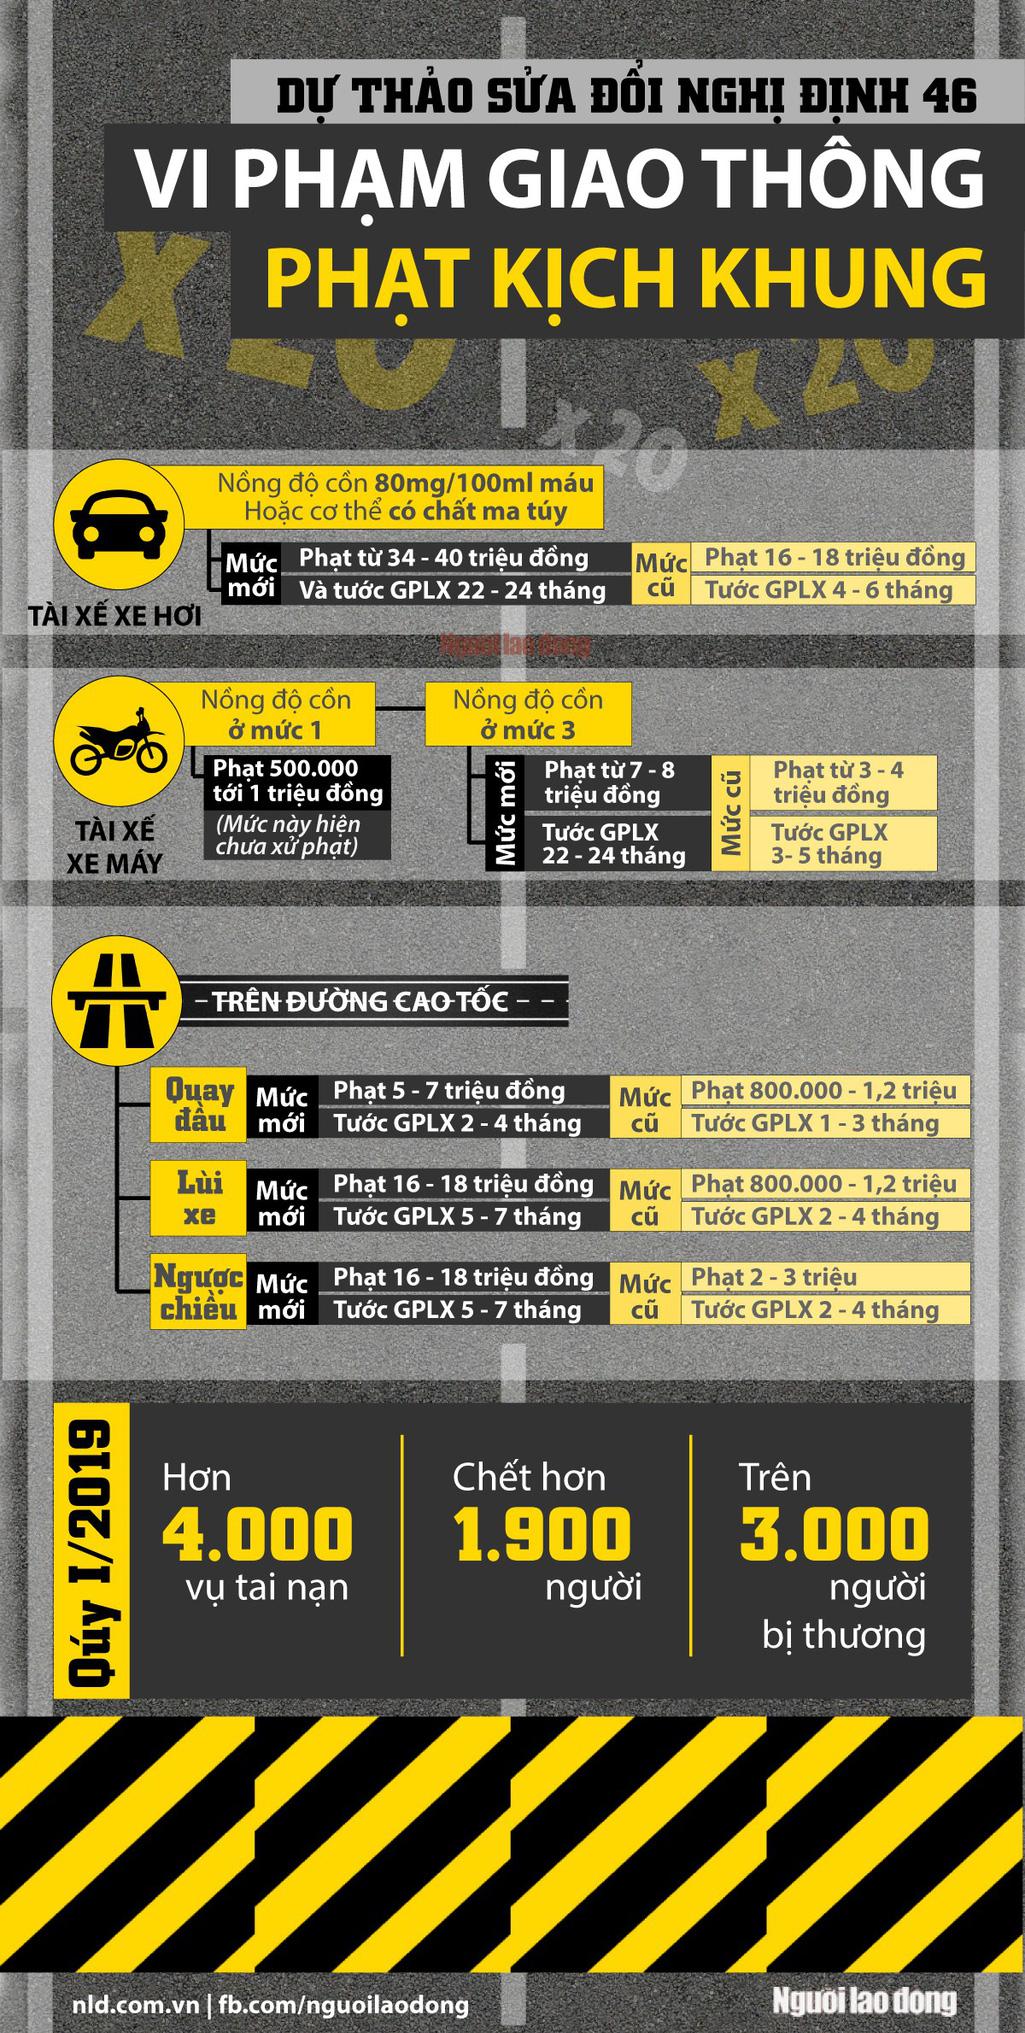 [Infographic] Những mức phạt kịch khung khi vi phạm giao thông - Ảnh 1.